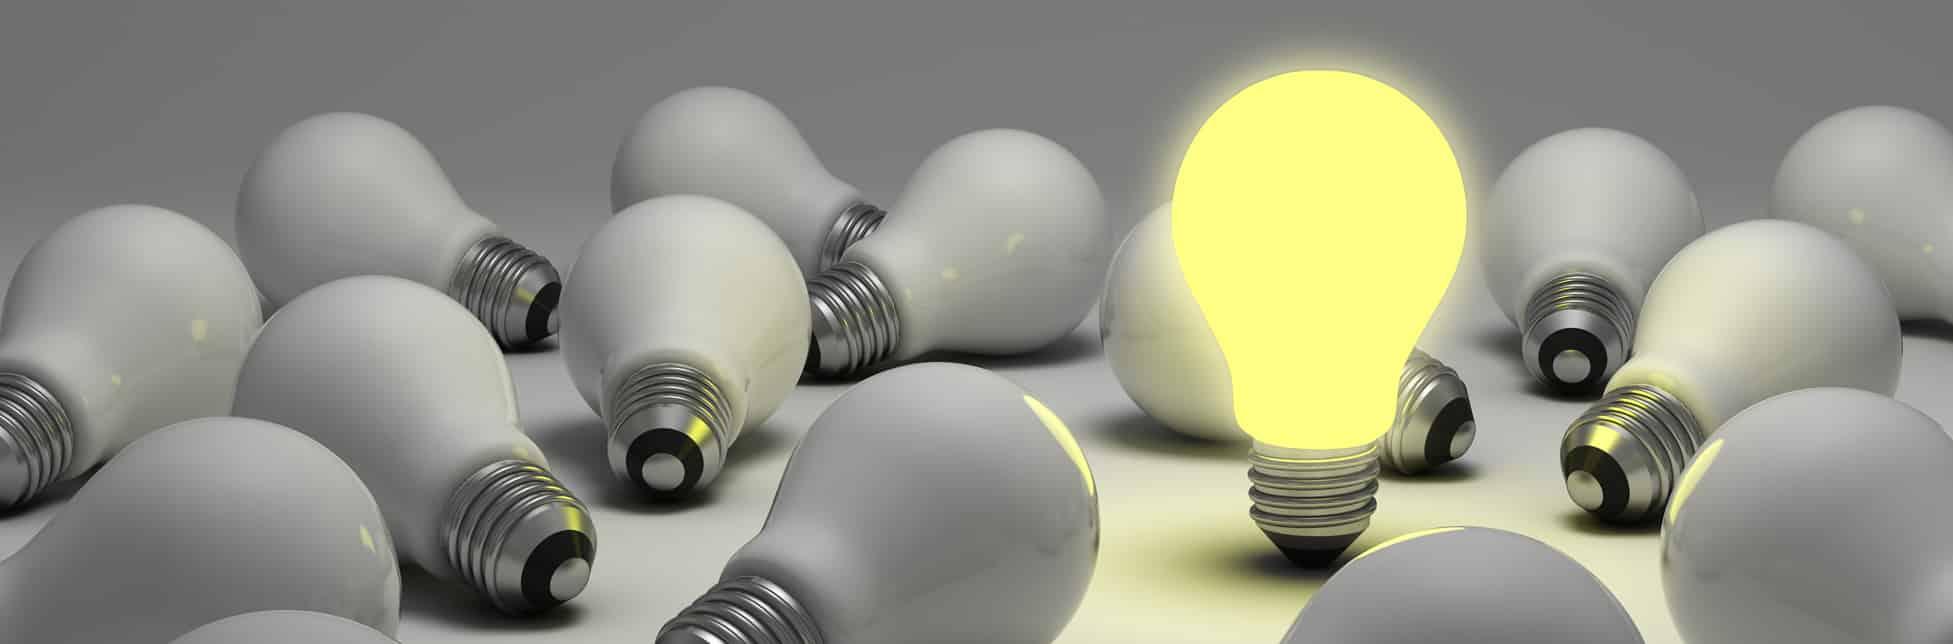 Les ampoules basses consommation ou LED ?